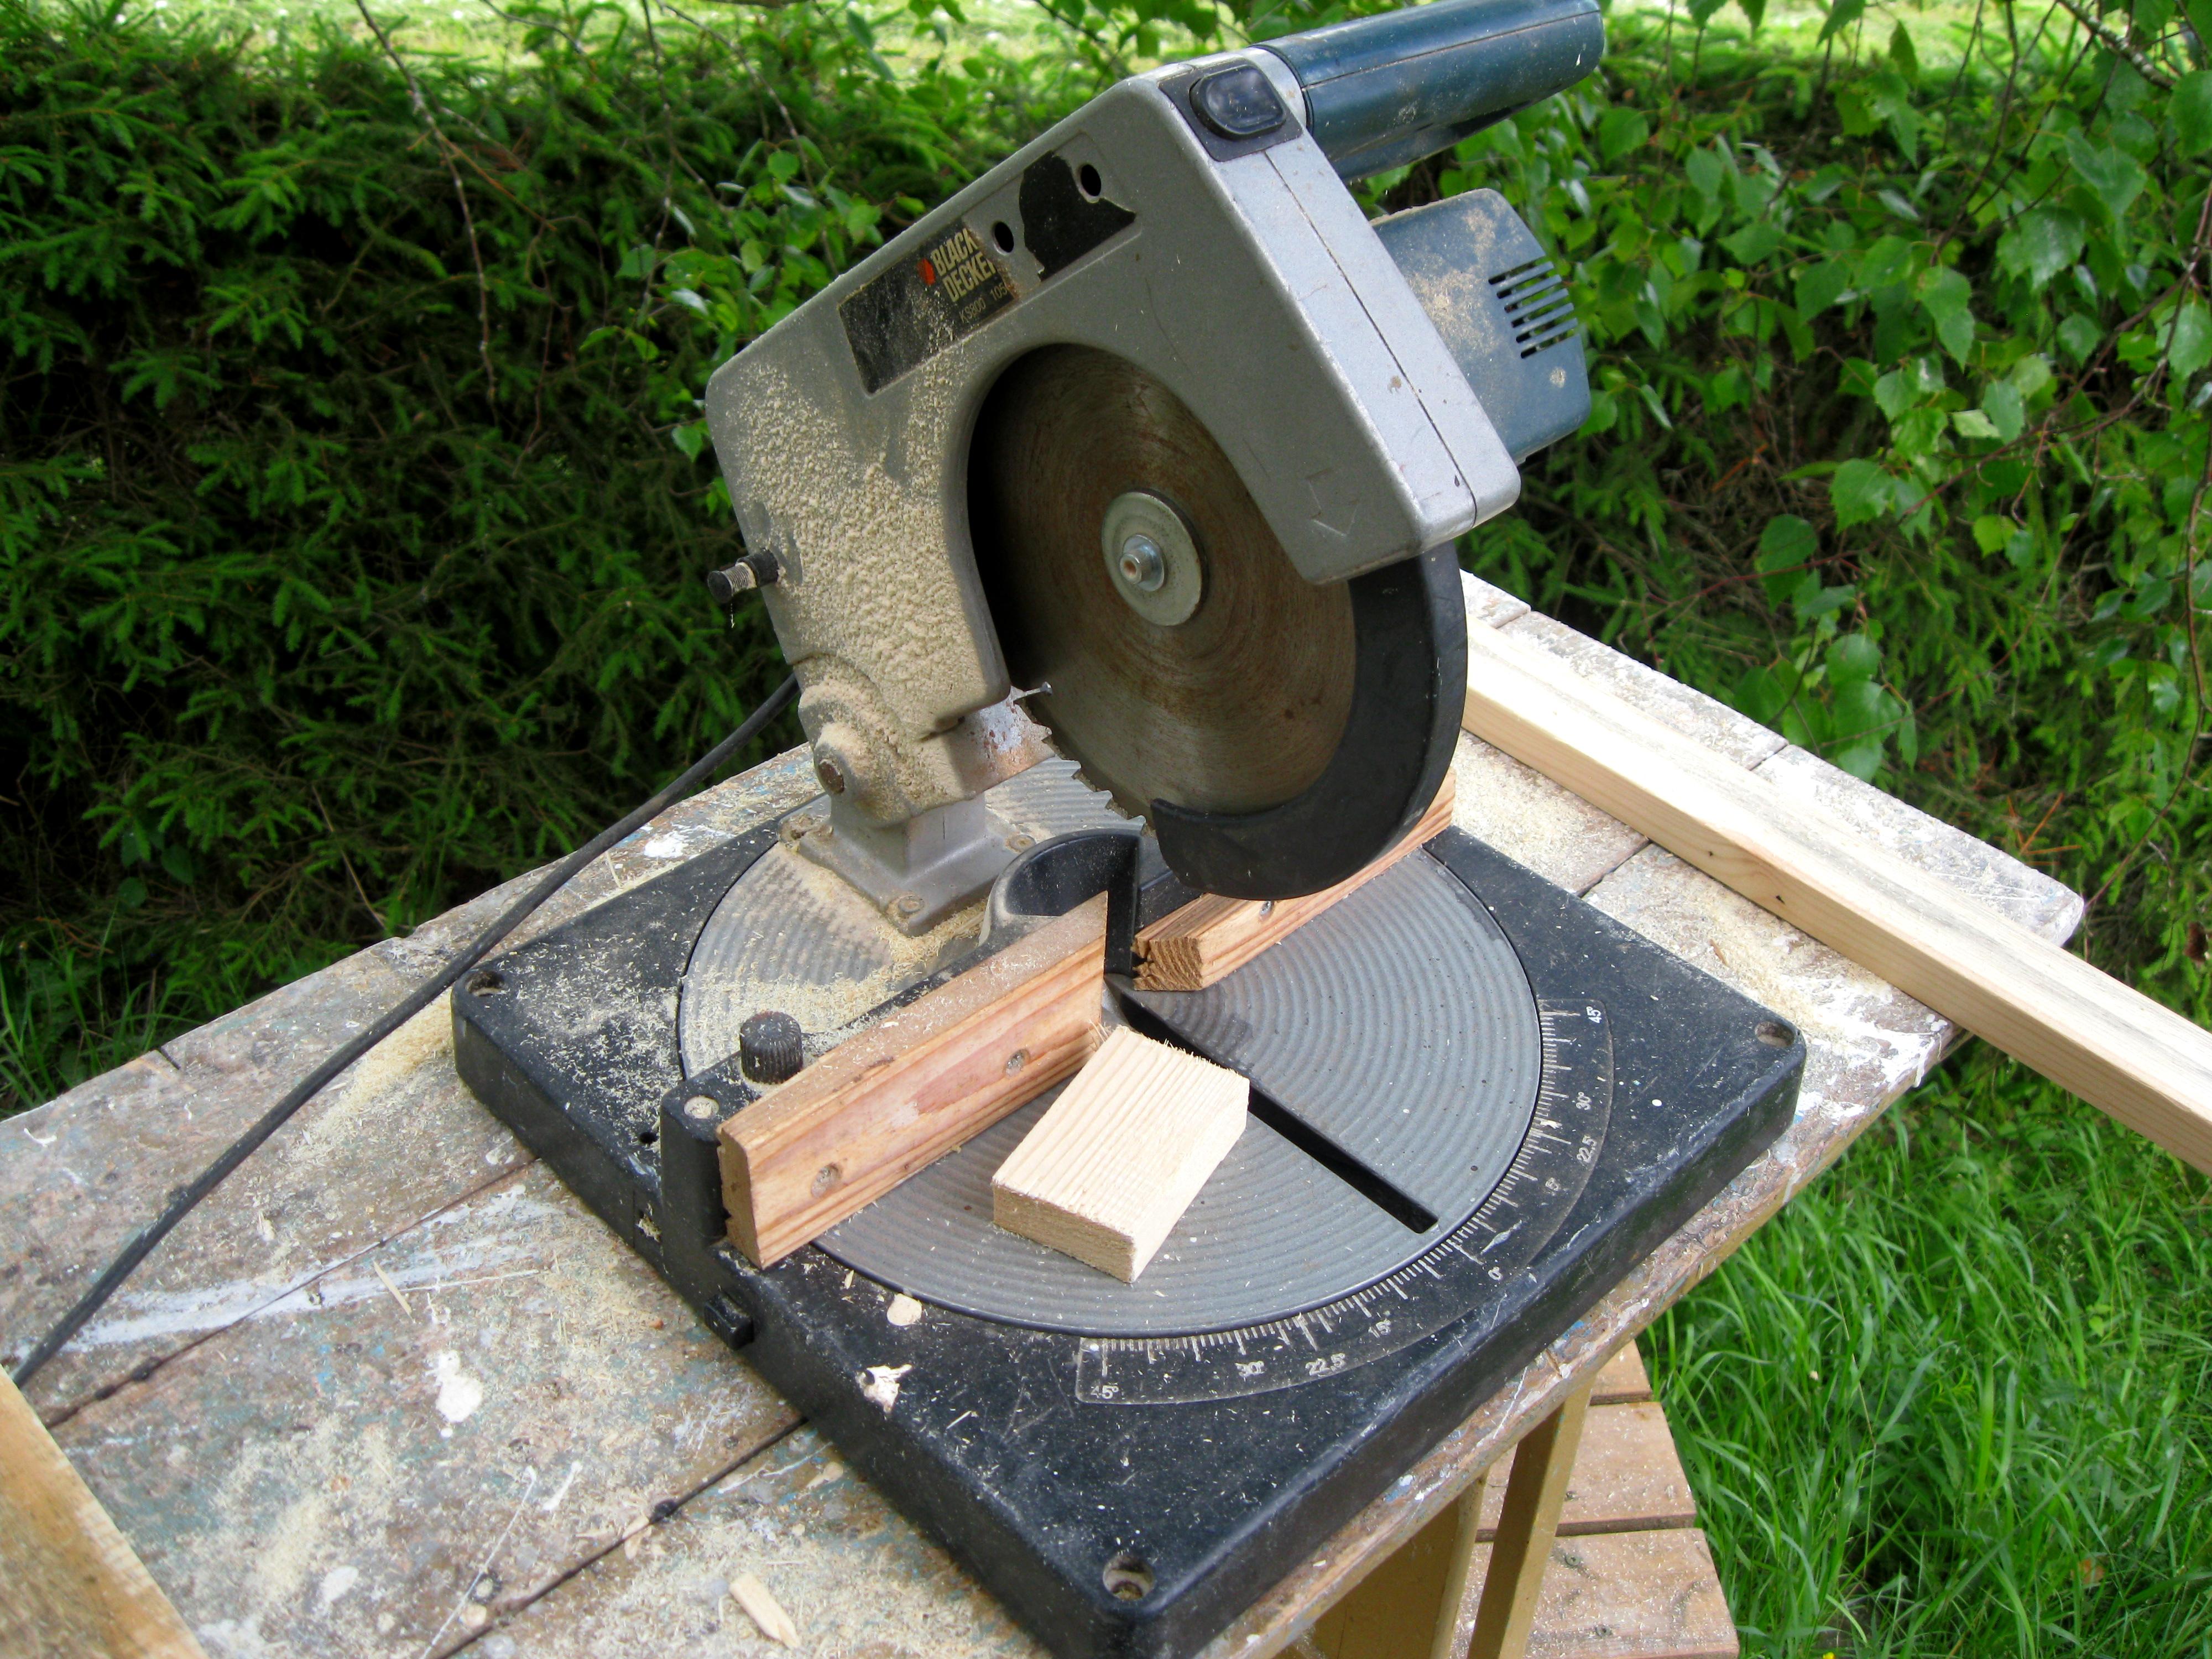 Miter & Chop Power Saws Carbide Blade Power Tool NEW Black Decker Compound Miter  Saw 9 Amp 7-1/4 in Home & Garden